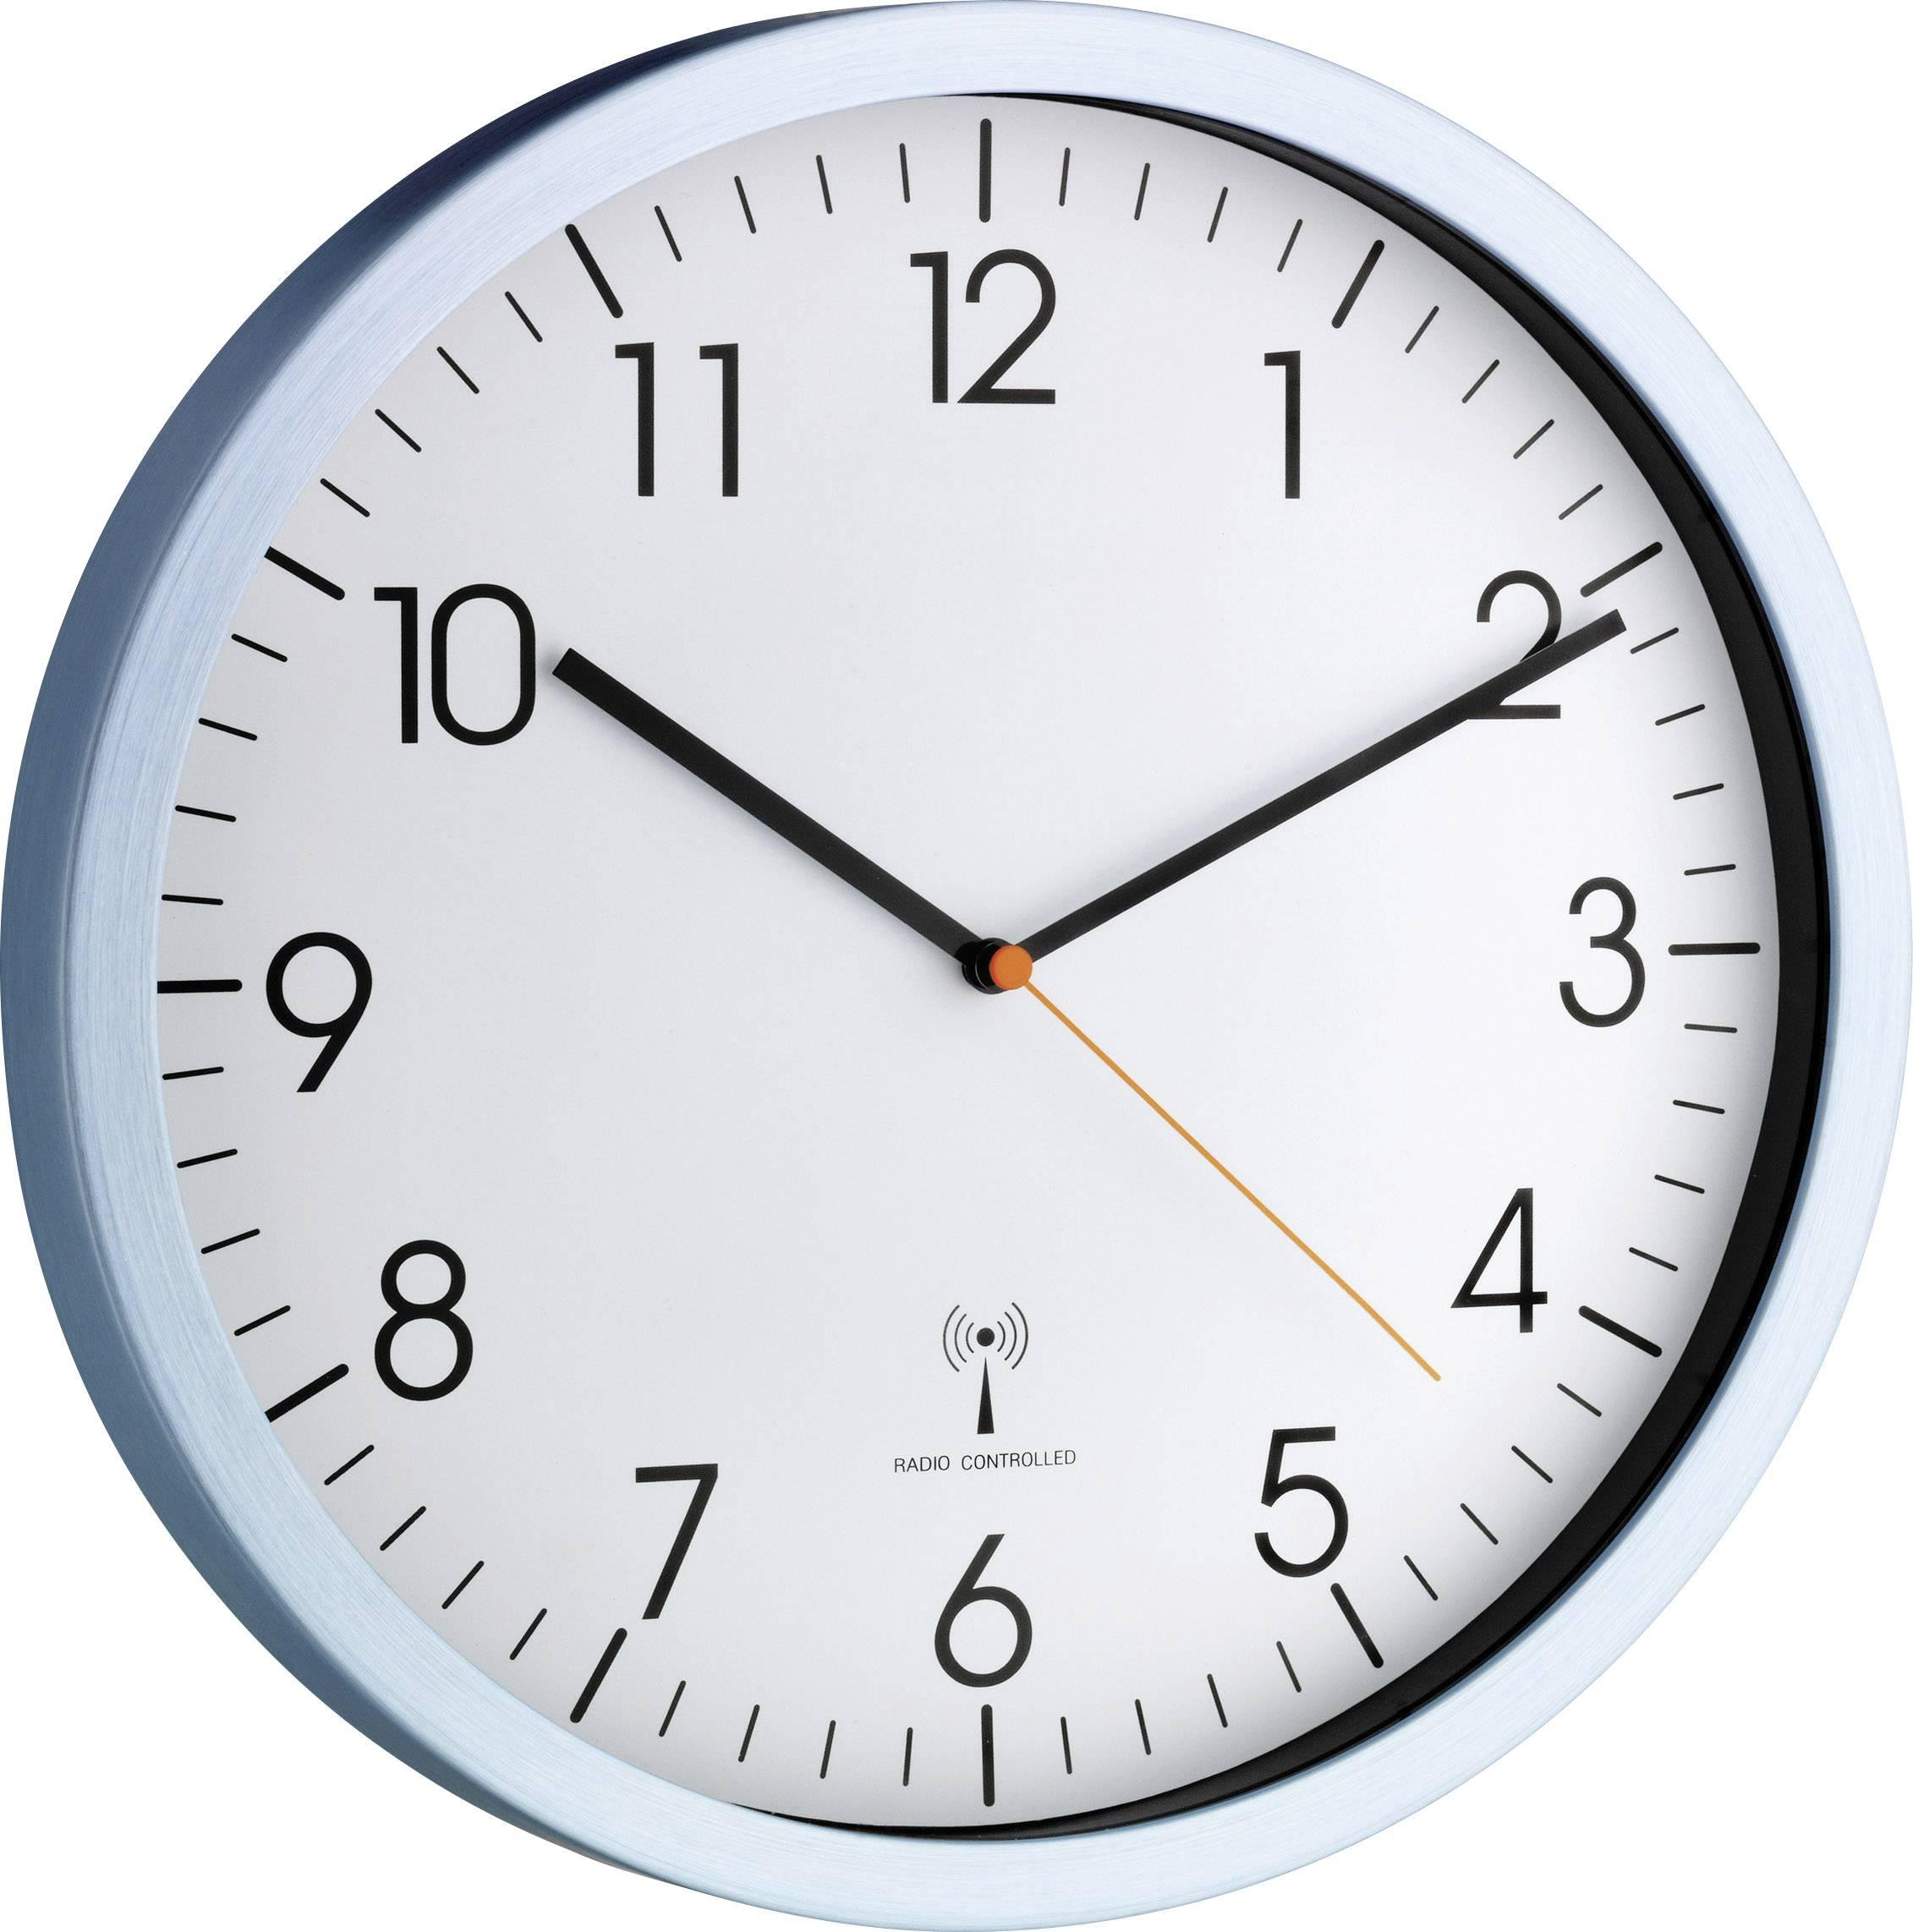 DCF nástenné hodiny TFA 60.3517.55 60.3517.55, vonkajší Ø 30.5 cm, hliník (matný)